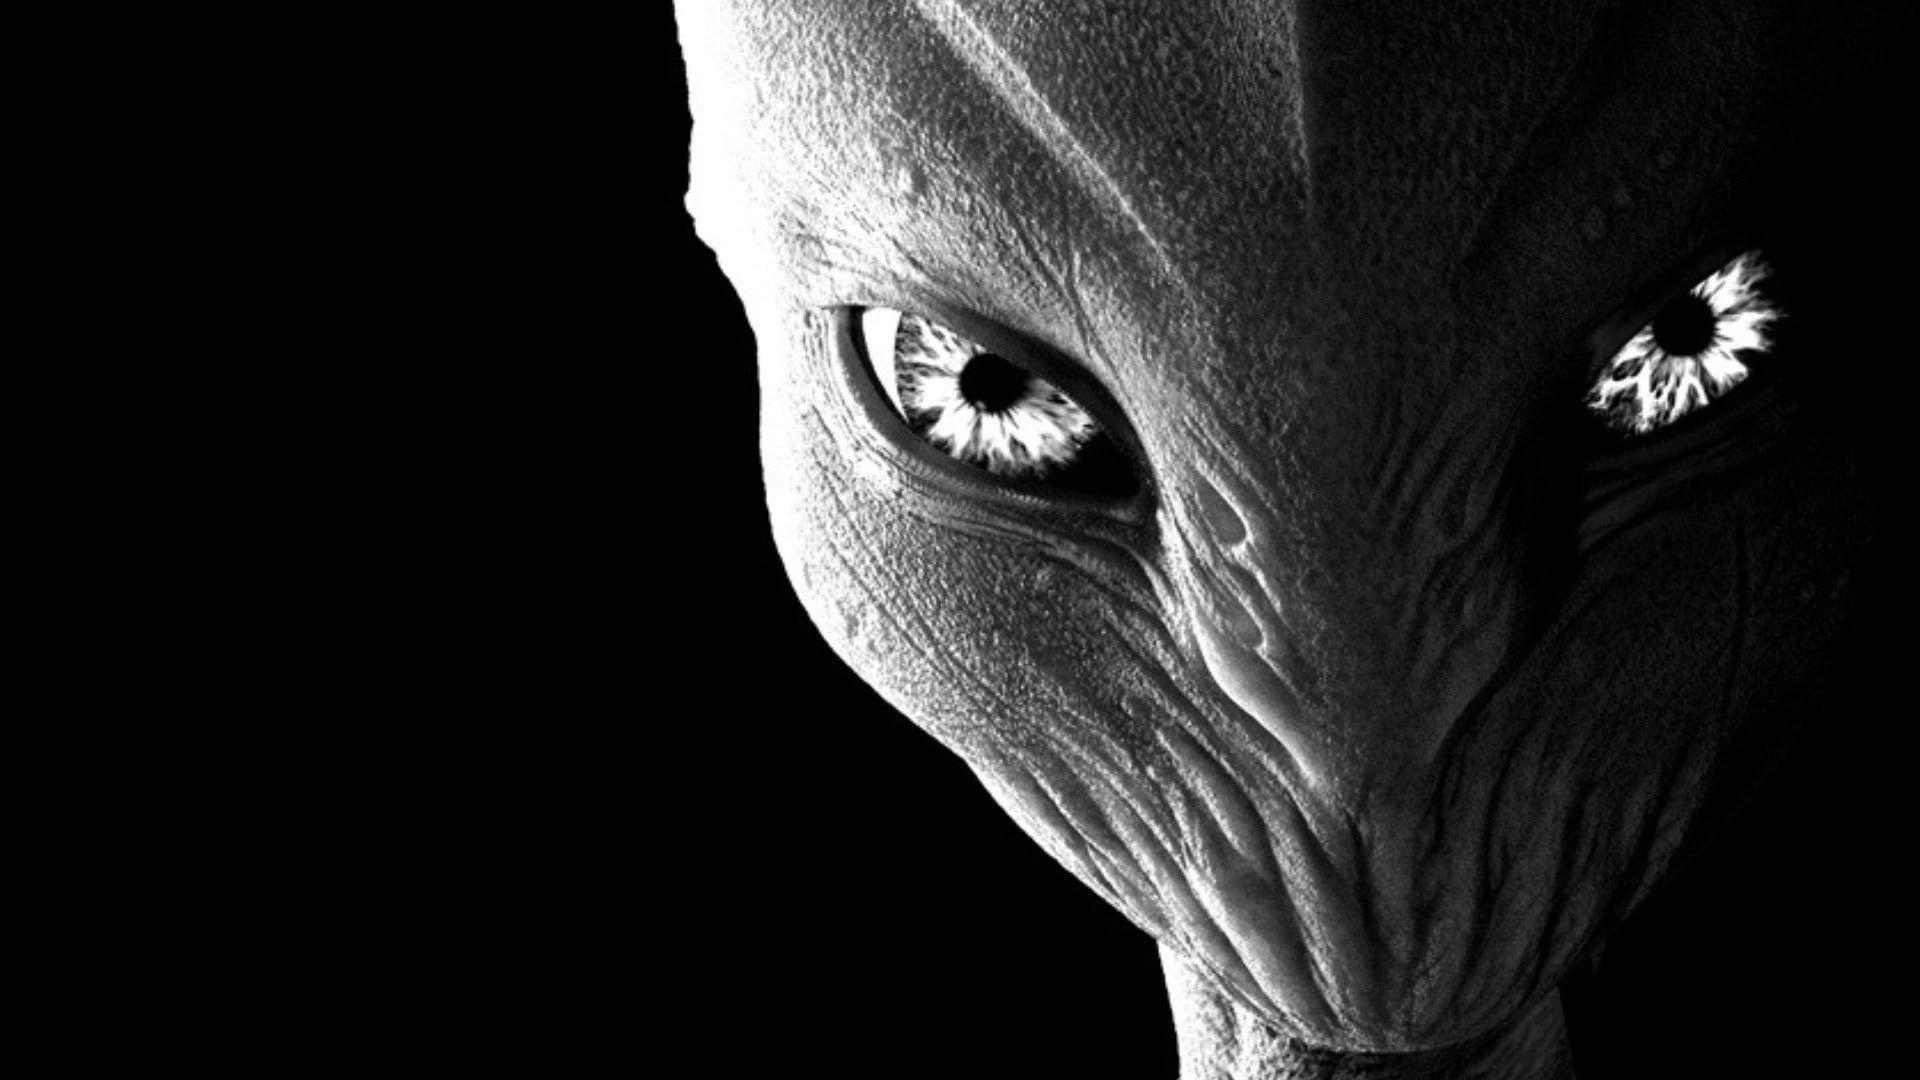 Area 51 Alienware Wallpapers - Top Free